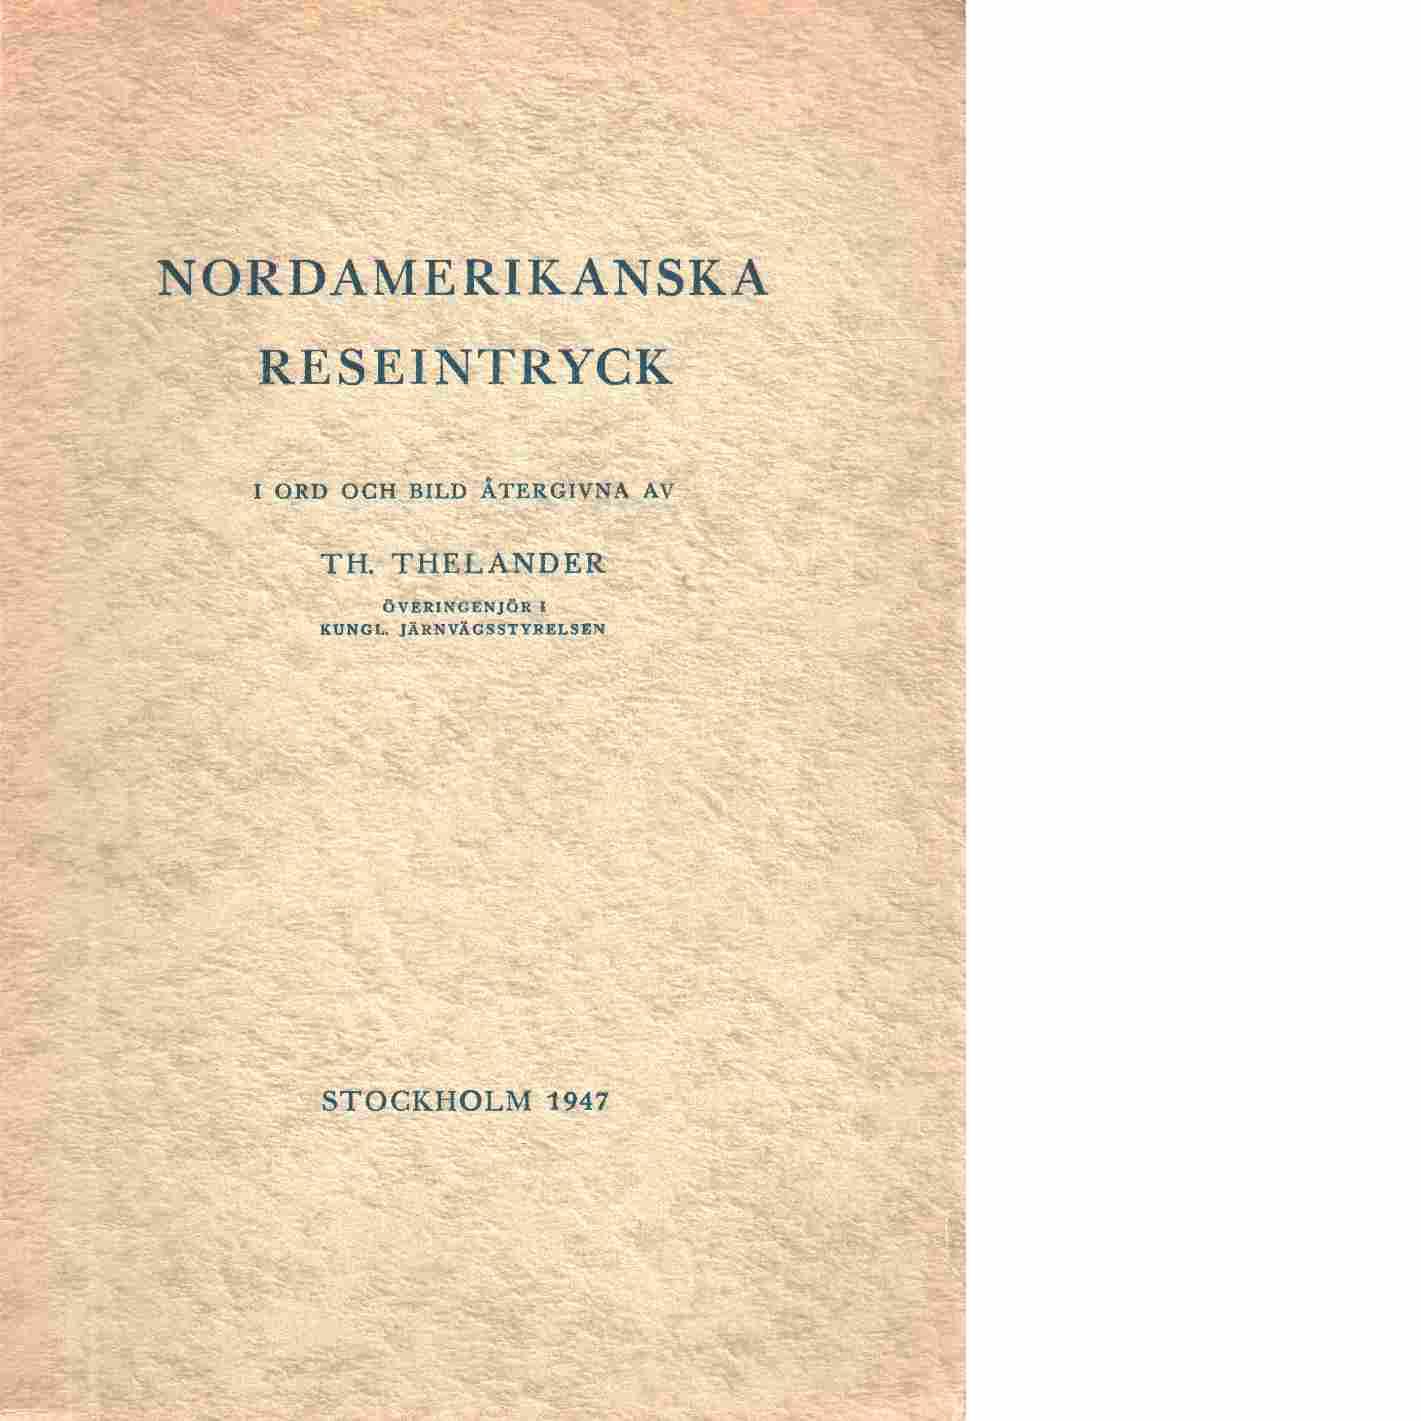 Nordamerikanska reseintryck - Thelander, [Lars] Th[orsten]